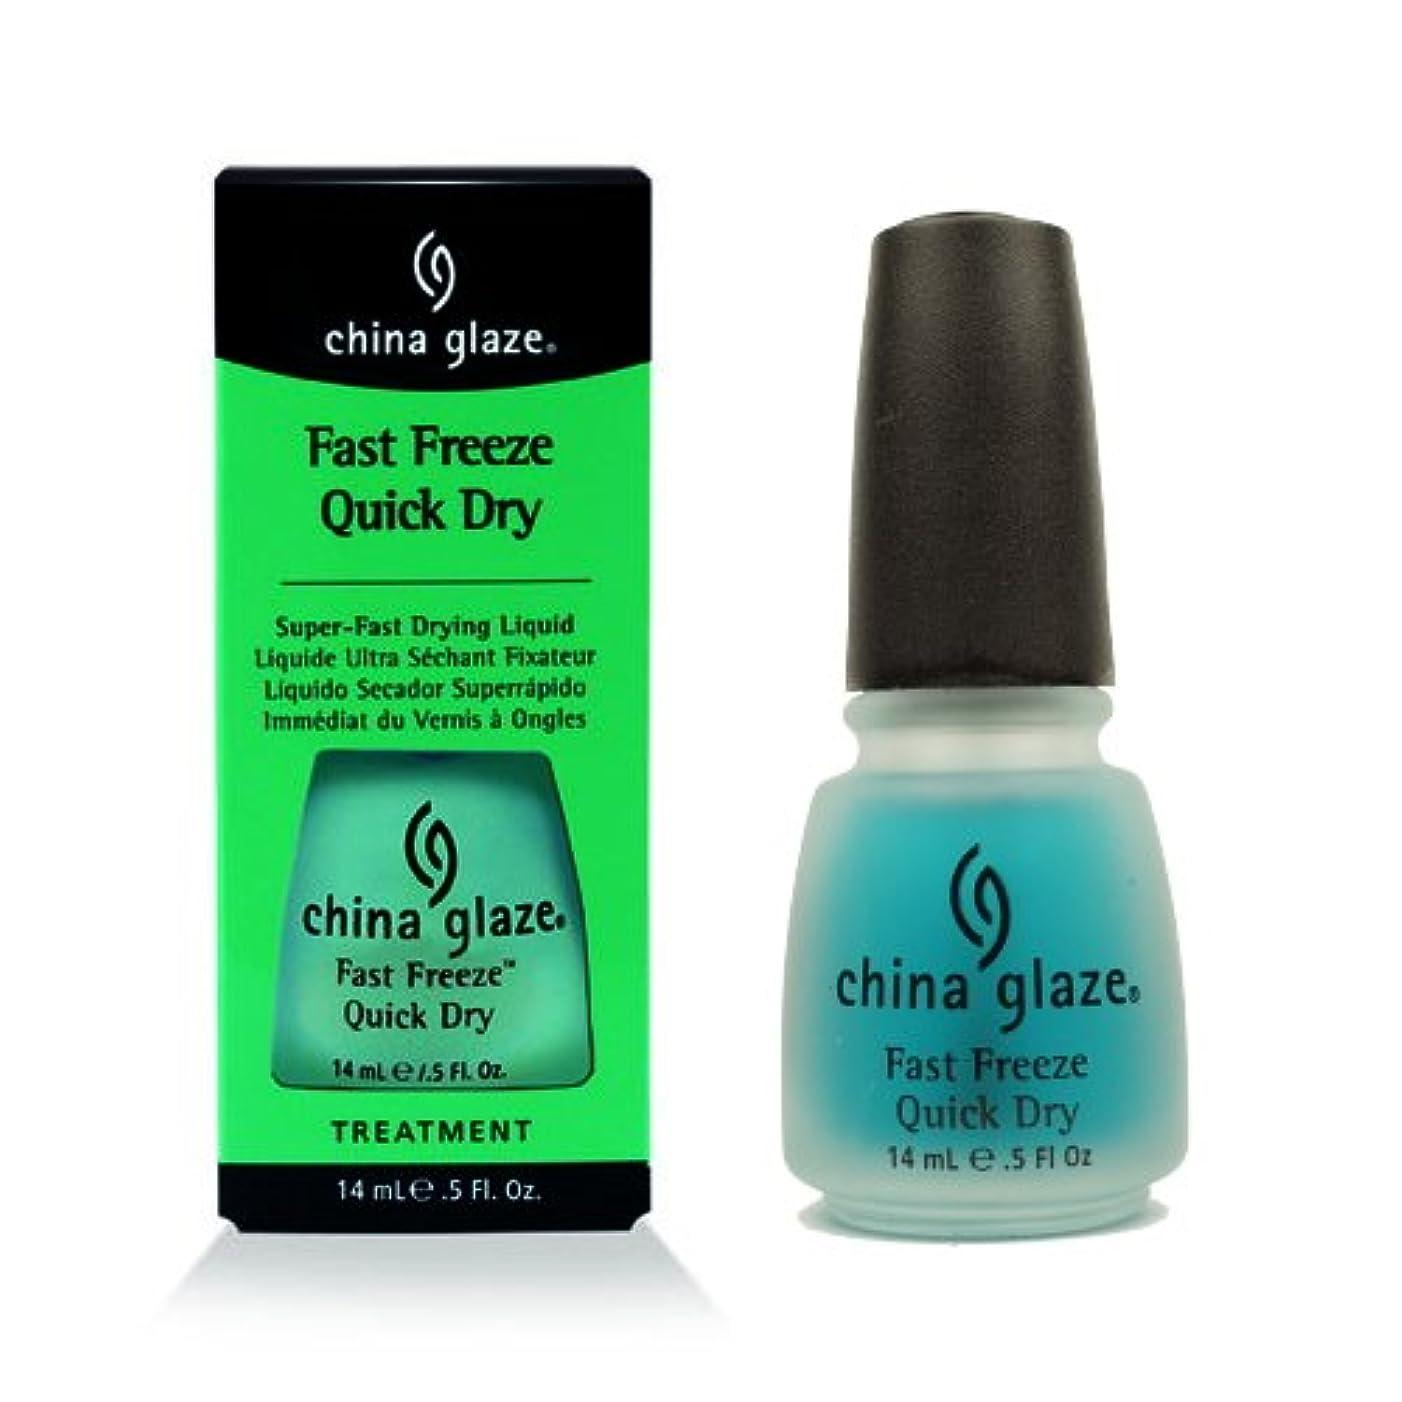 影響を受けやすいです内向き指導するCHINA GLAZE Fast Freeze Quick Dry - CGT911 (並行輸入品)